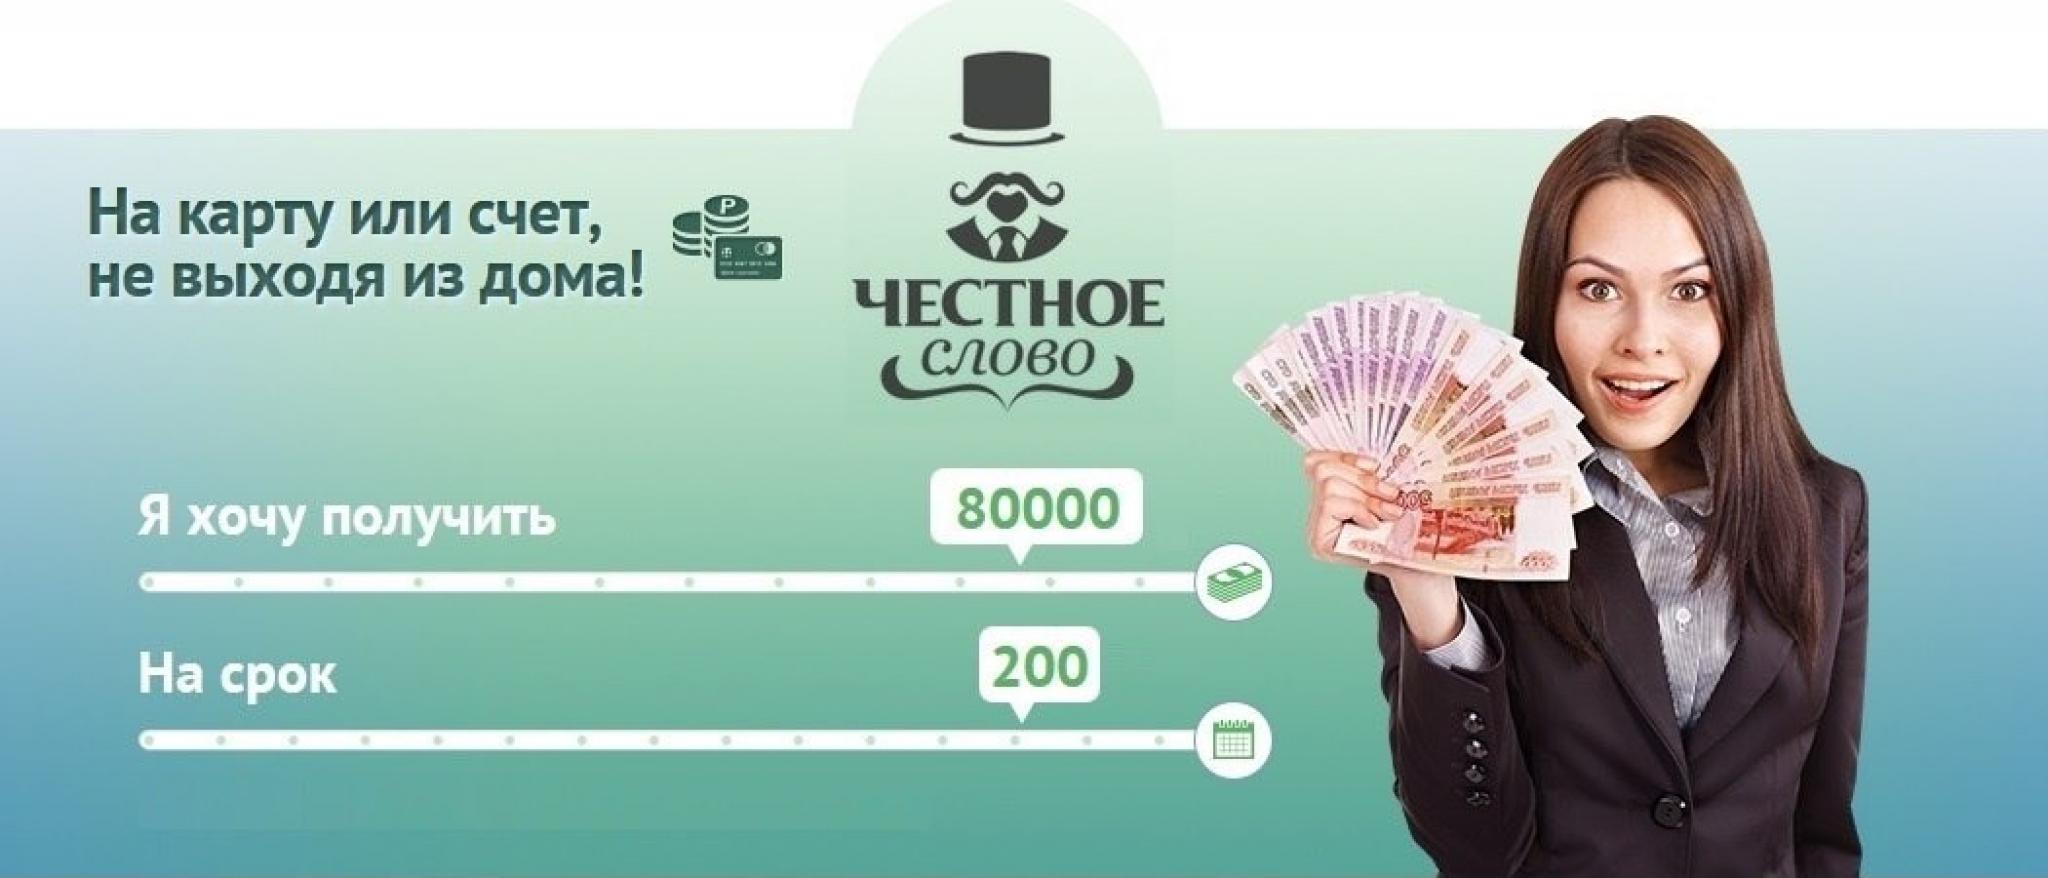 кредит срочный онлайн займ в казахстане